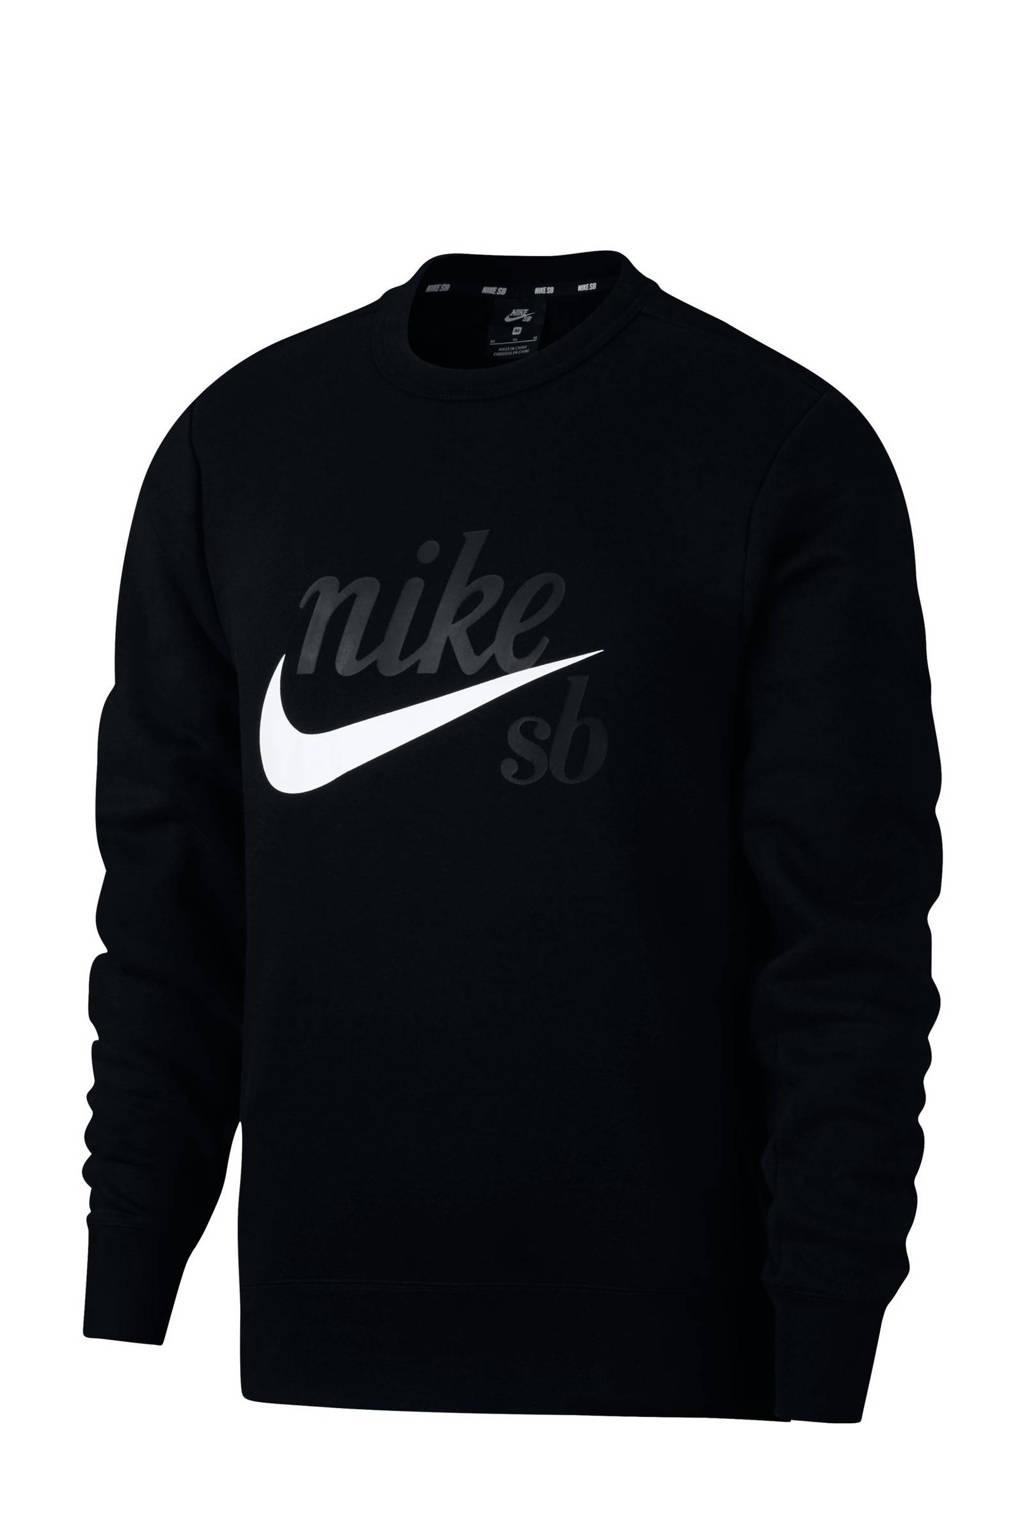 Nike   sportsweater met printopdruk zwart, Zwart